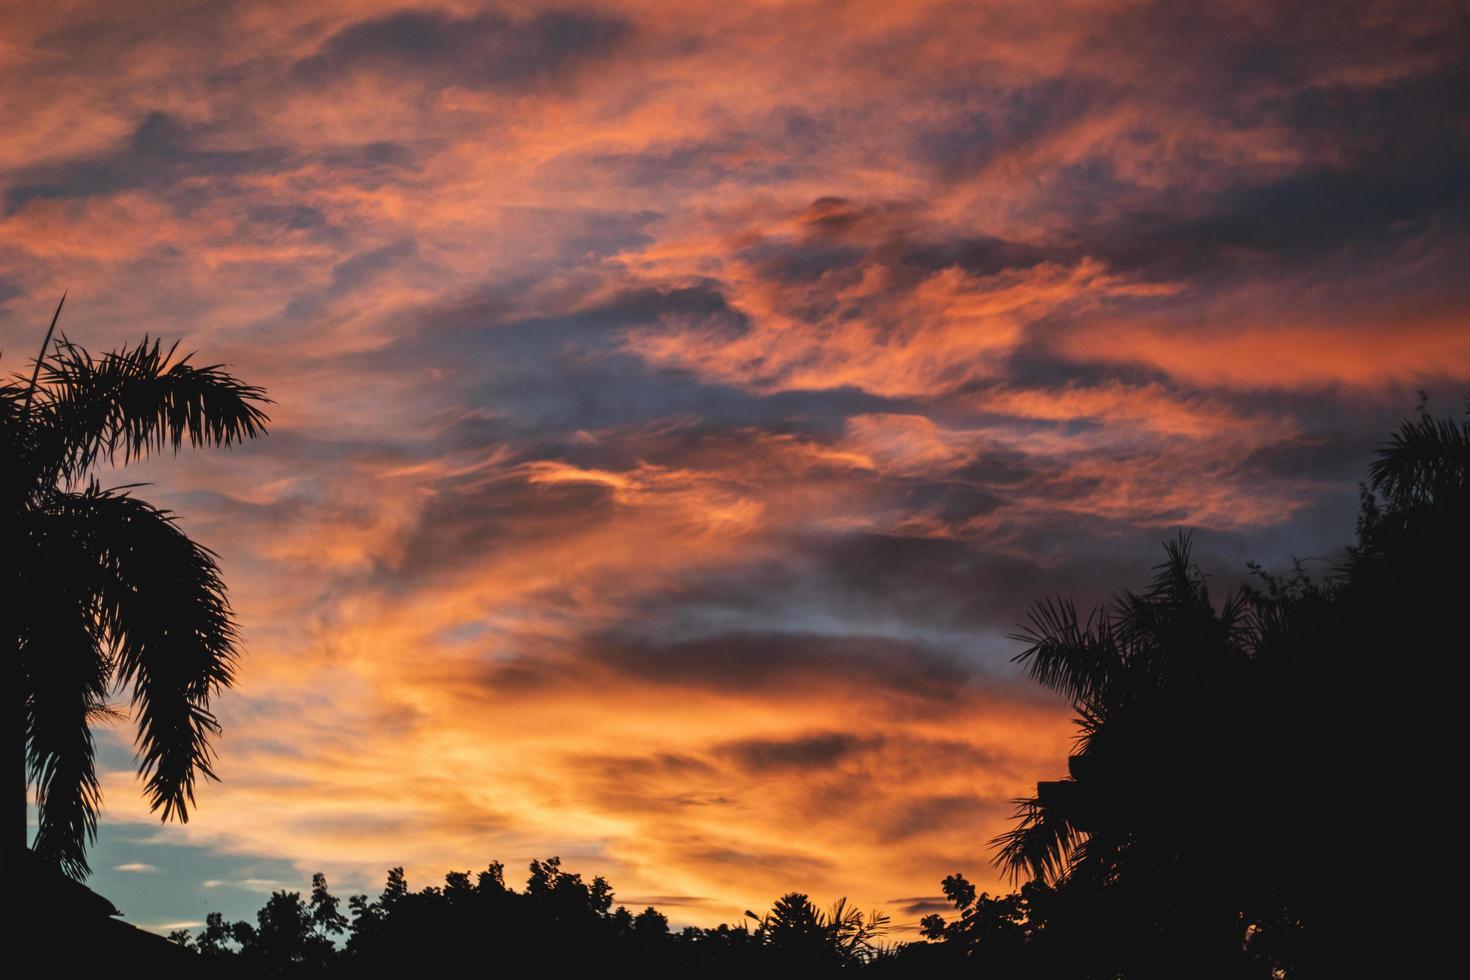 solnedgång över palmer foto